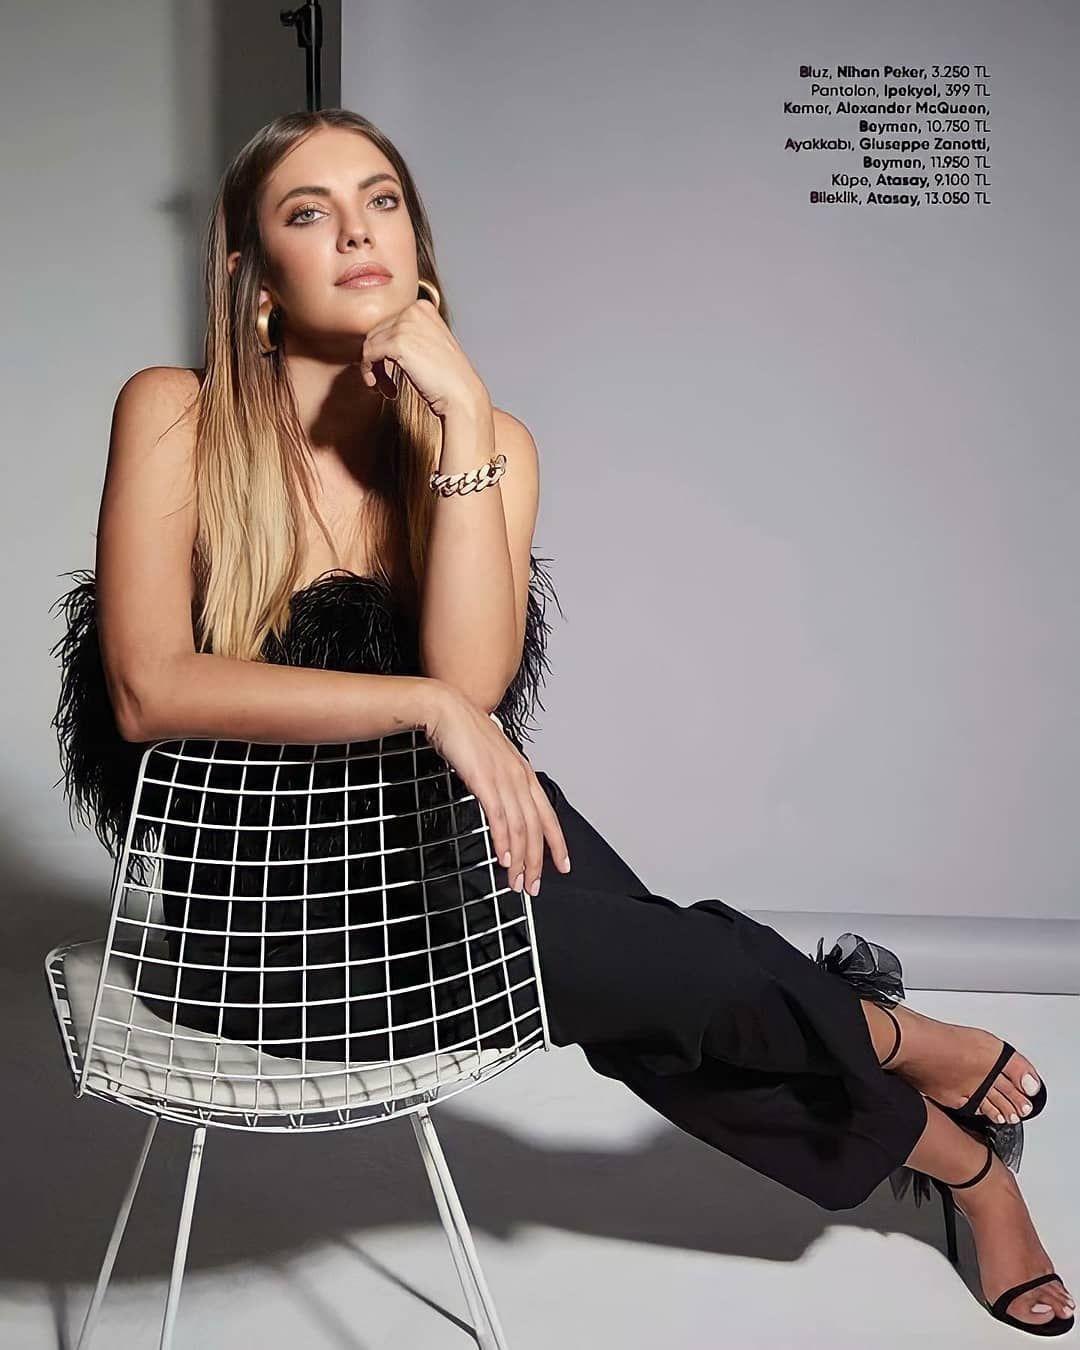 سریال سیب ممنوعه S Instagram Profile Post شات های جدید ادا اجه زیبای دوستداشتنی چقدر کیوتی اخه Eda Ece Yasakel Fashion Fashion Looks Slip Dress